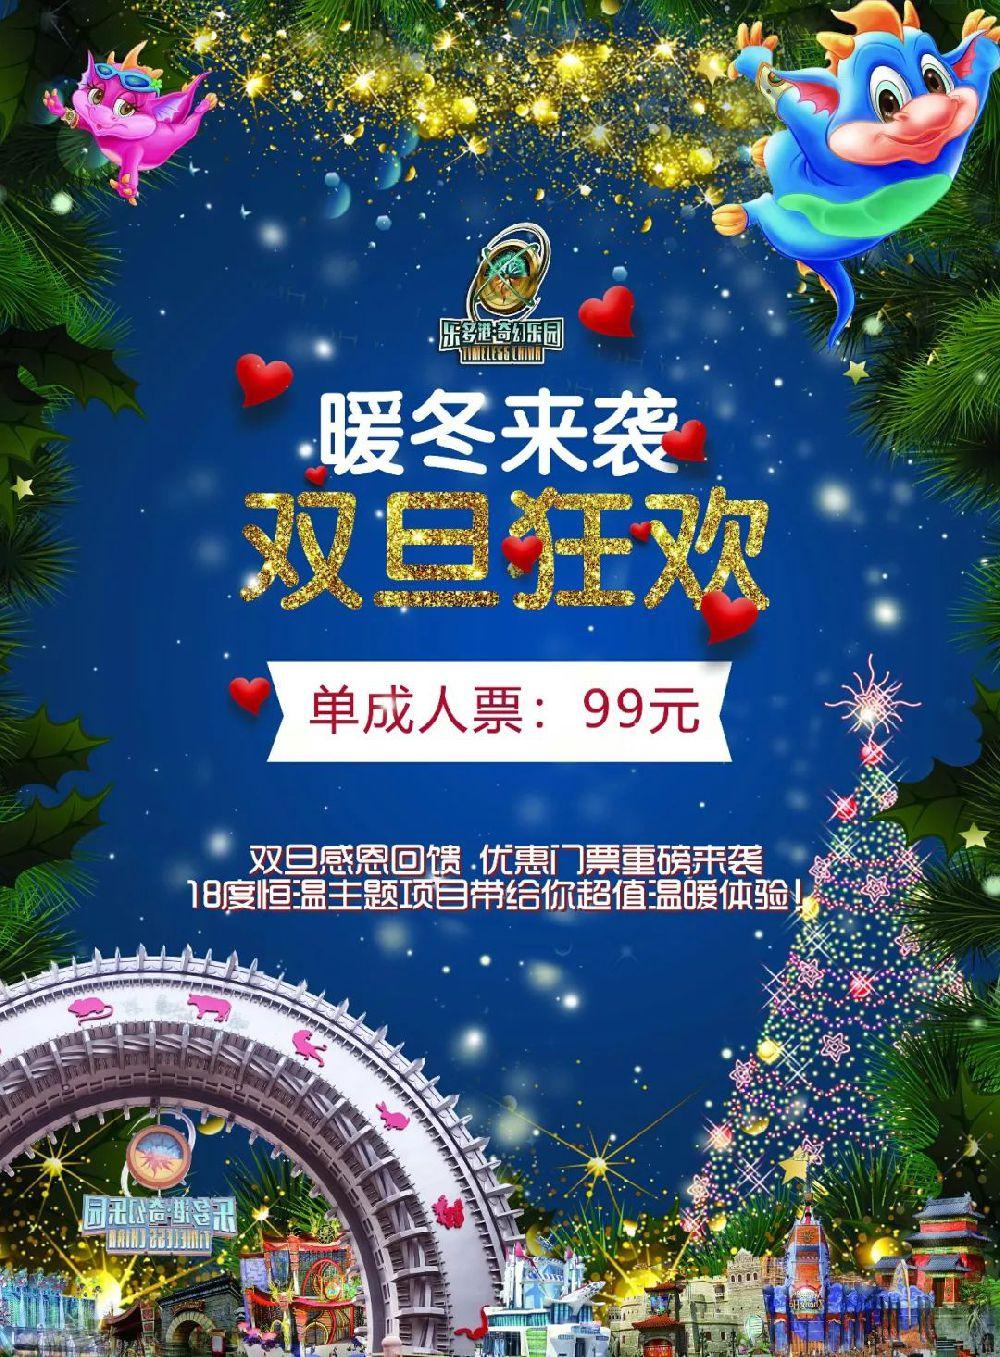 2018北京昌平乐多港奇幻乐园圣诞活动(时间+优惠)